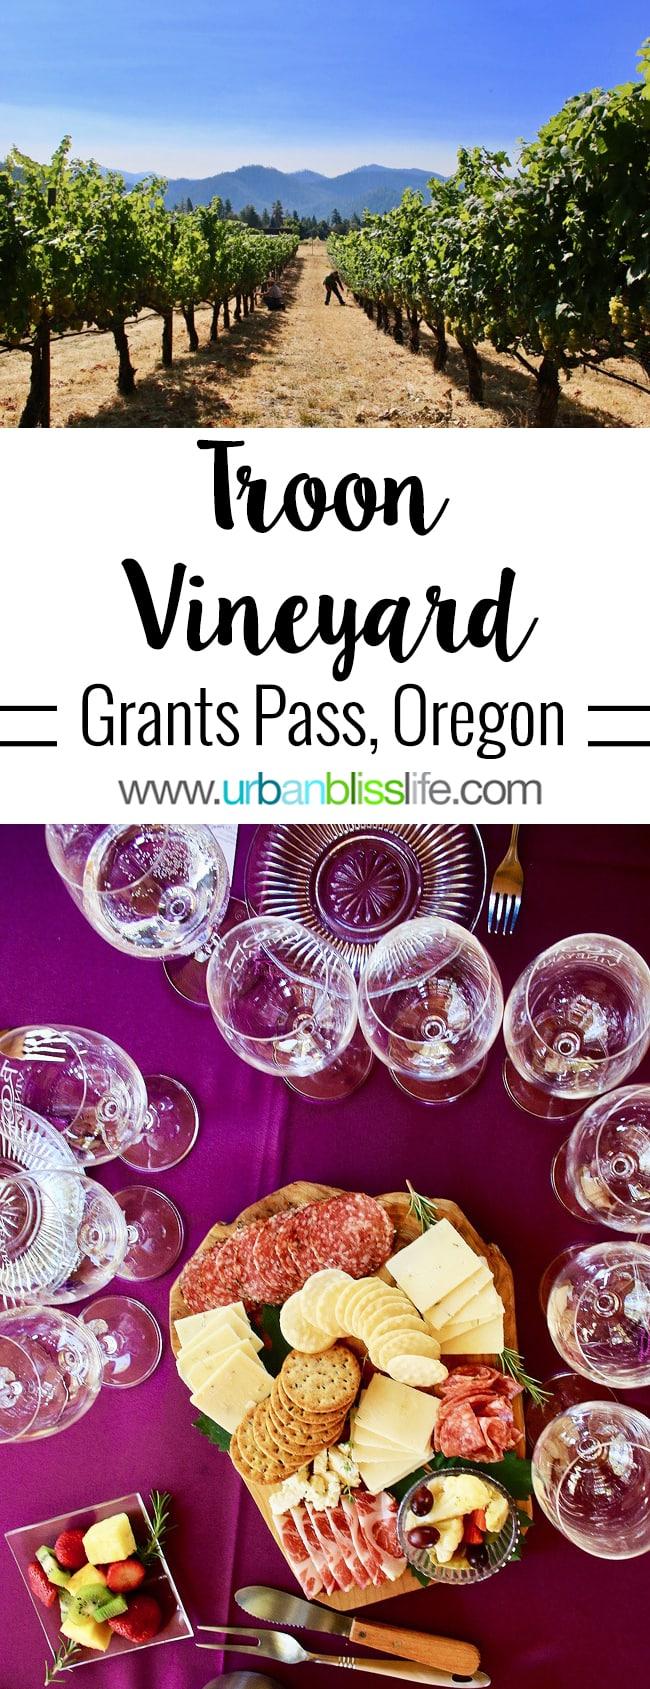 Applegate Valley wine tasting: Troon Vineyards on UrbanBlissLife.com